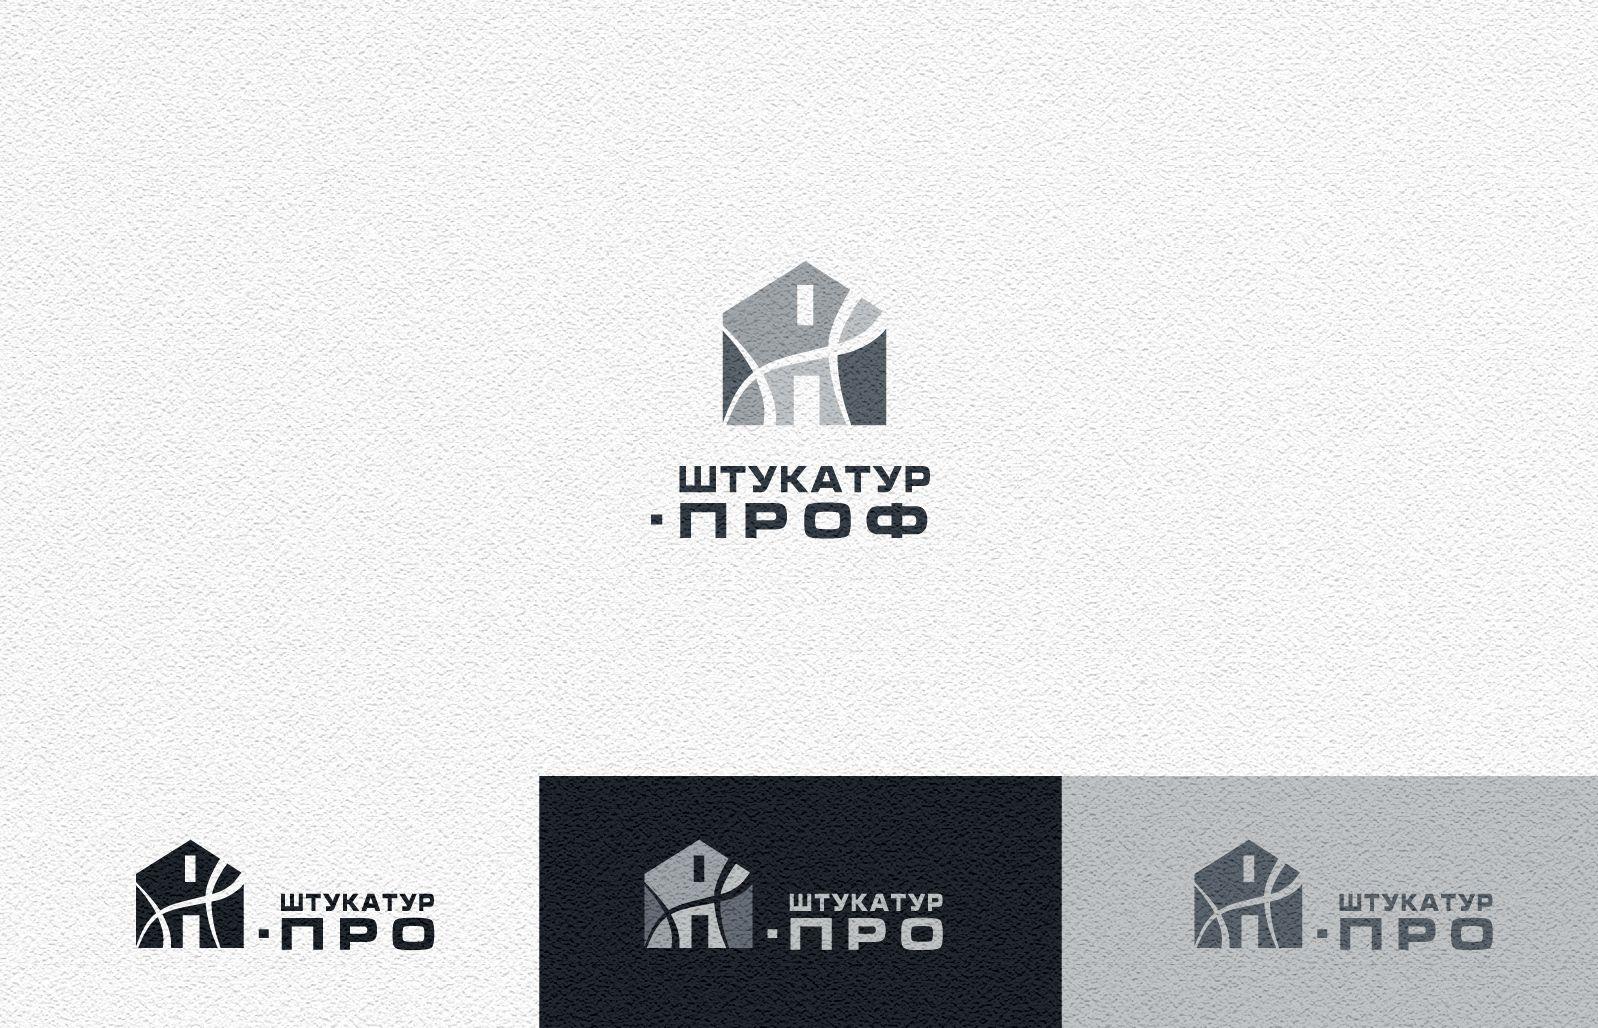 Лого и фирменный стиль для Штукатур-Проф - дизайнер andblin61